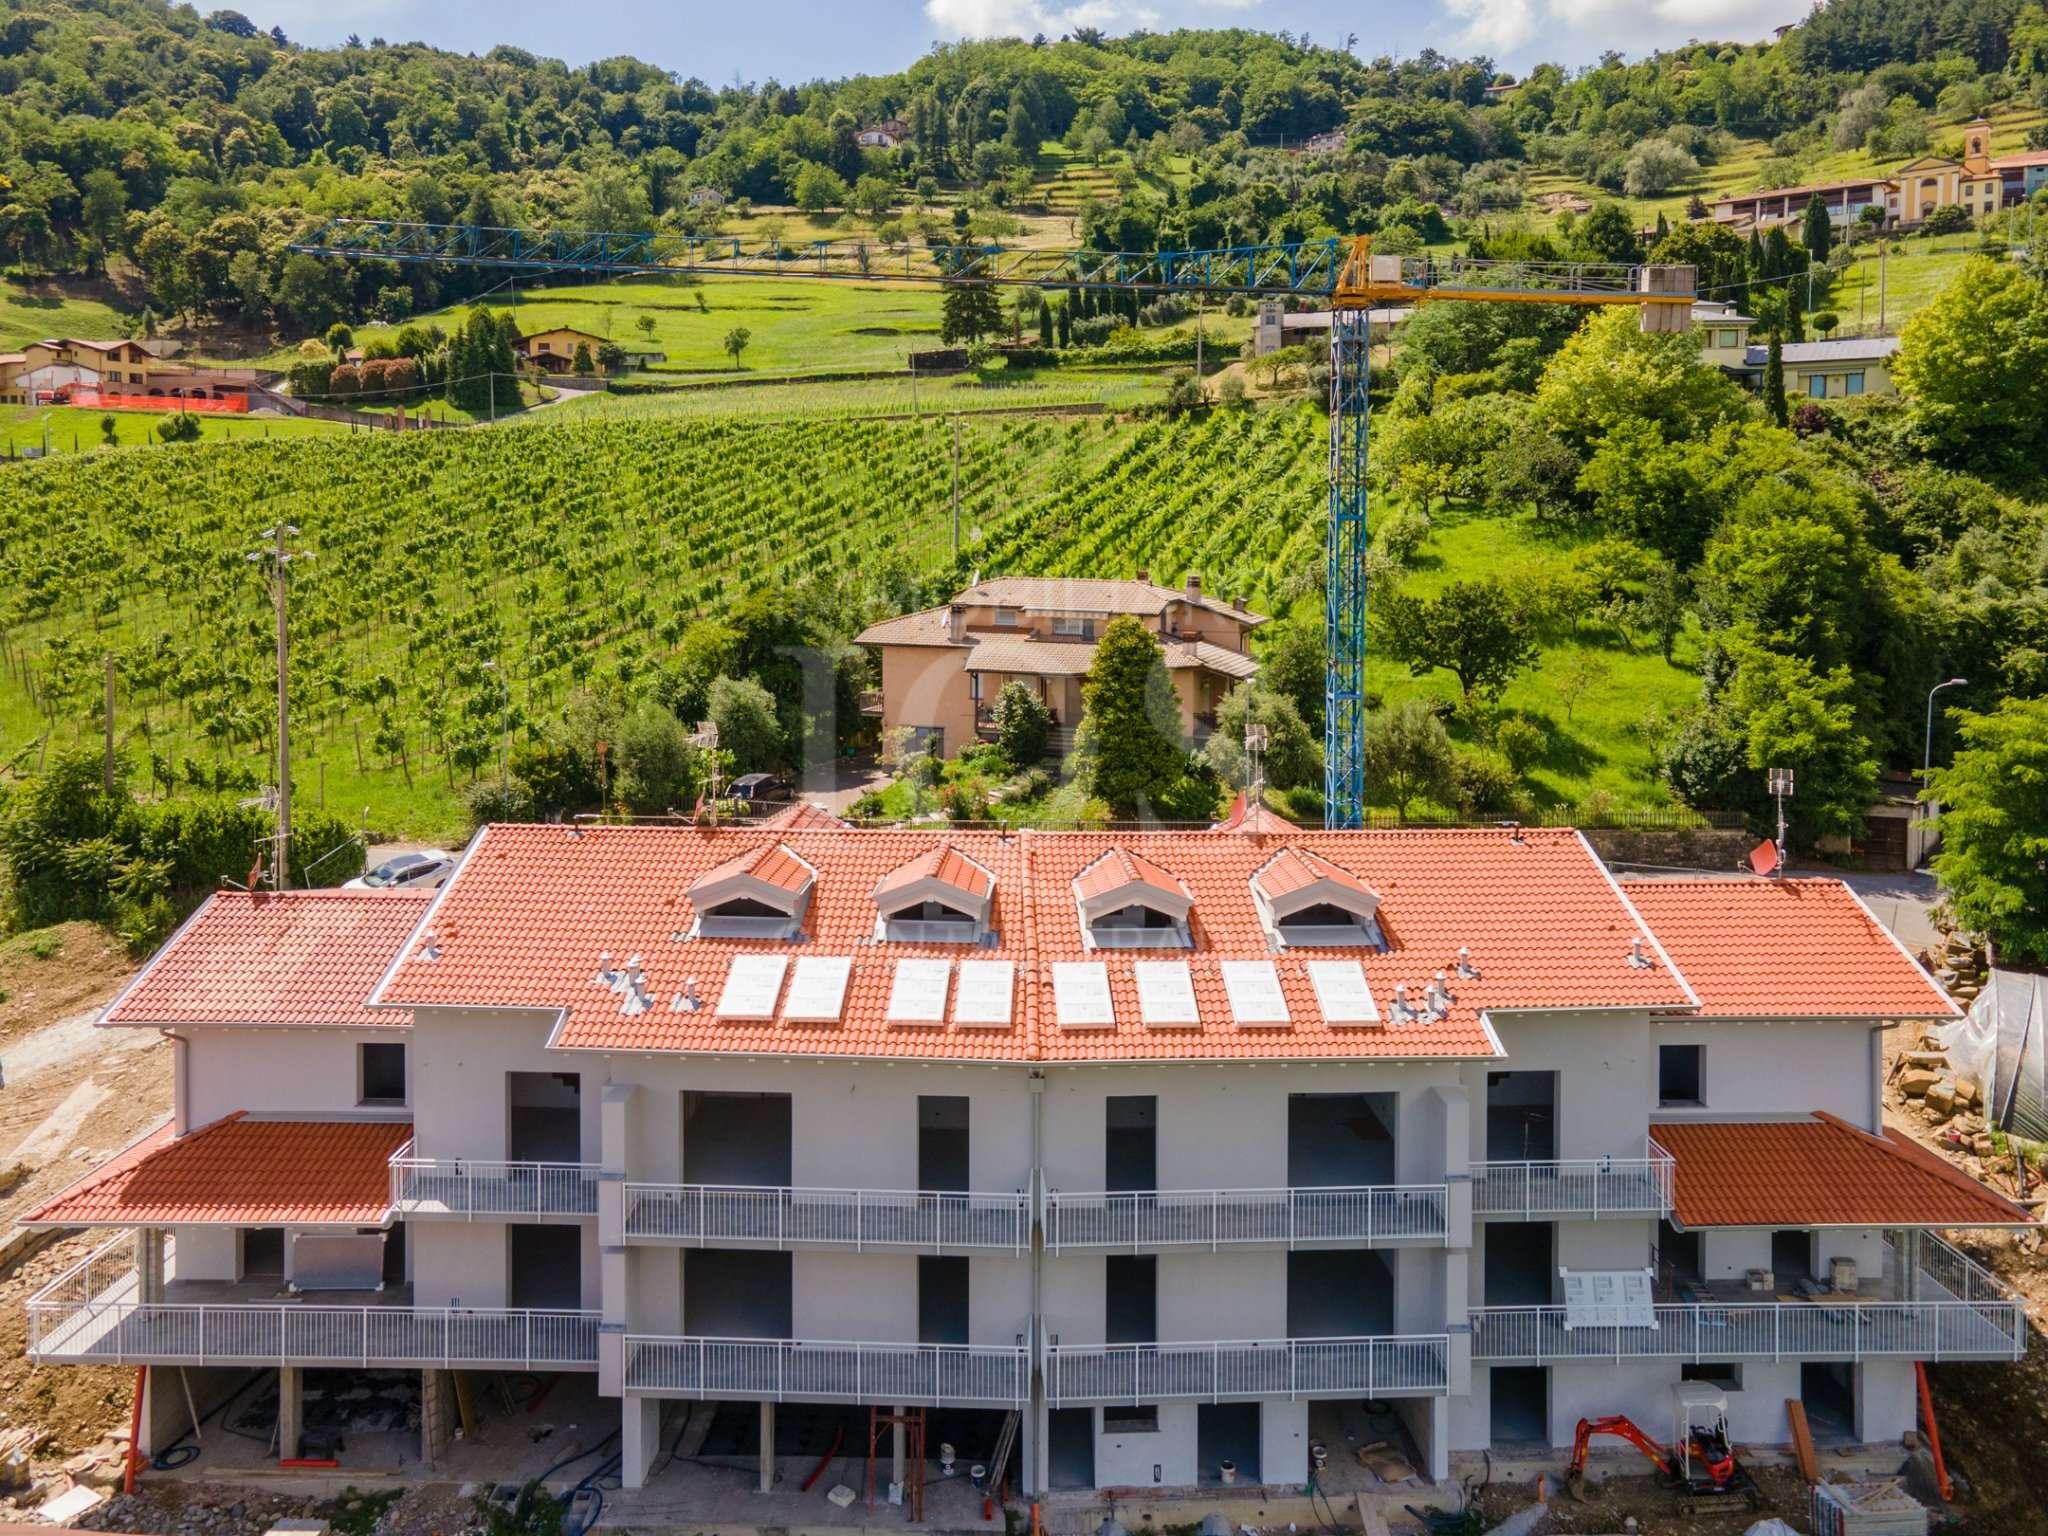 Appartamento in vendita a Foresto Sparso, 3 locali, prezzo € 109.000 | PortaleAgenzieImmobiliari.it